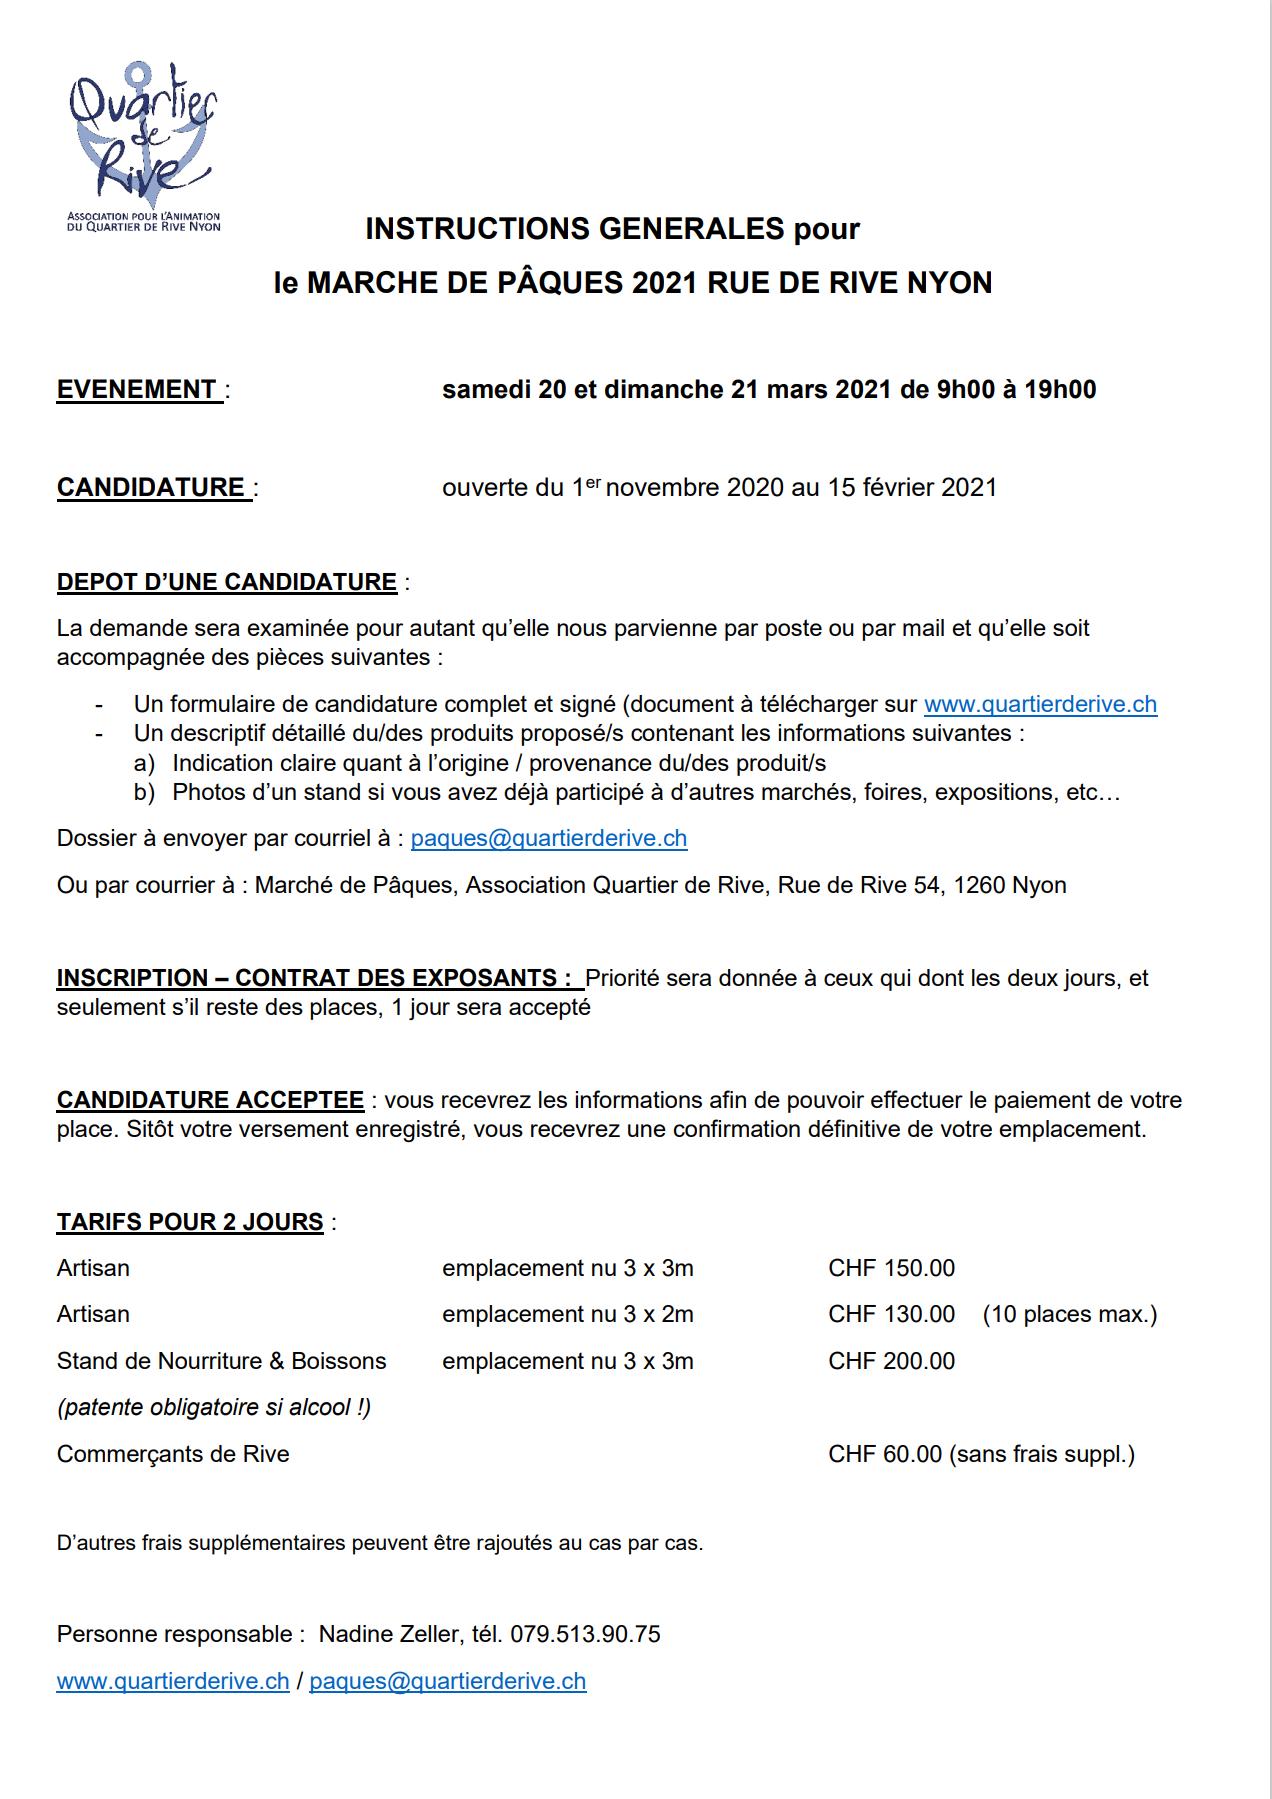 INSTRUCTIONS GENERALES pour le MARCHE DE PÂQUES 2021 RUE DE RIVE NYON